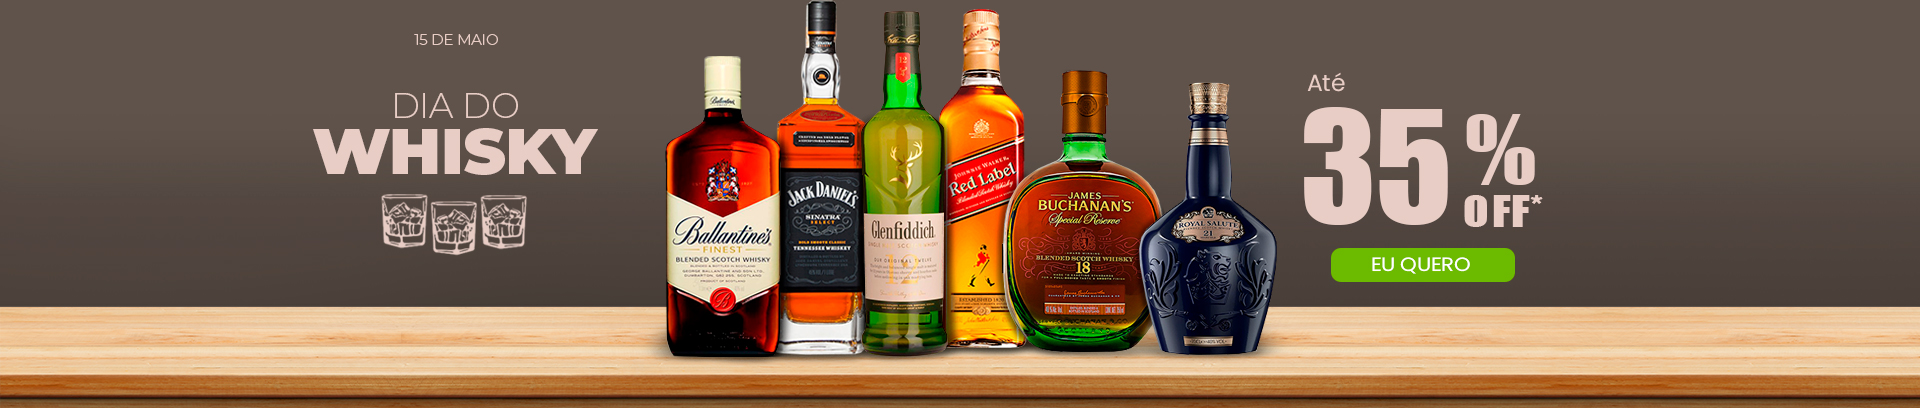 Home | Dia do Whisky